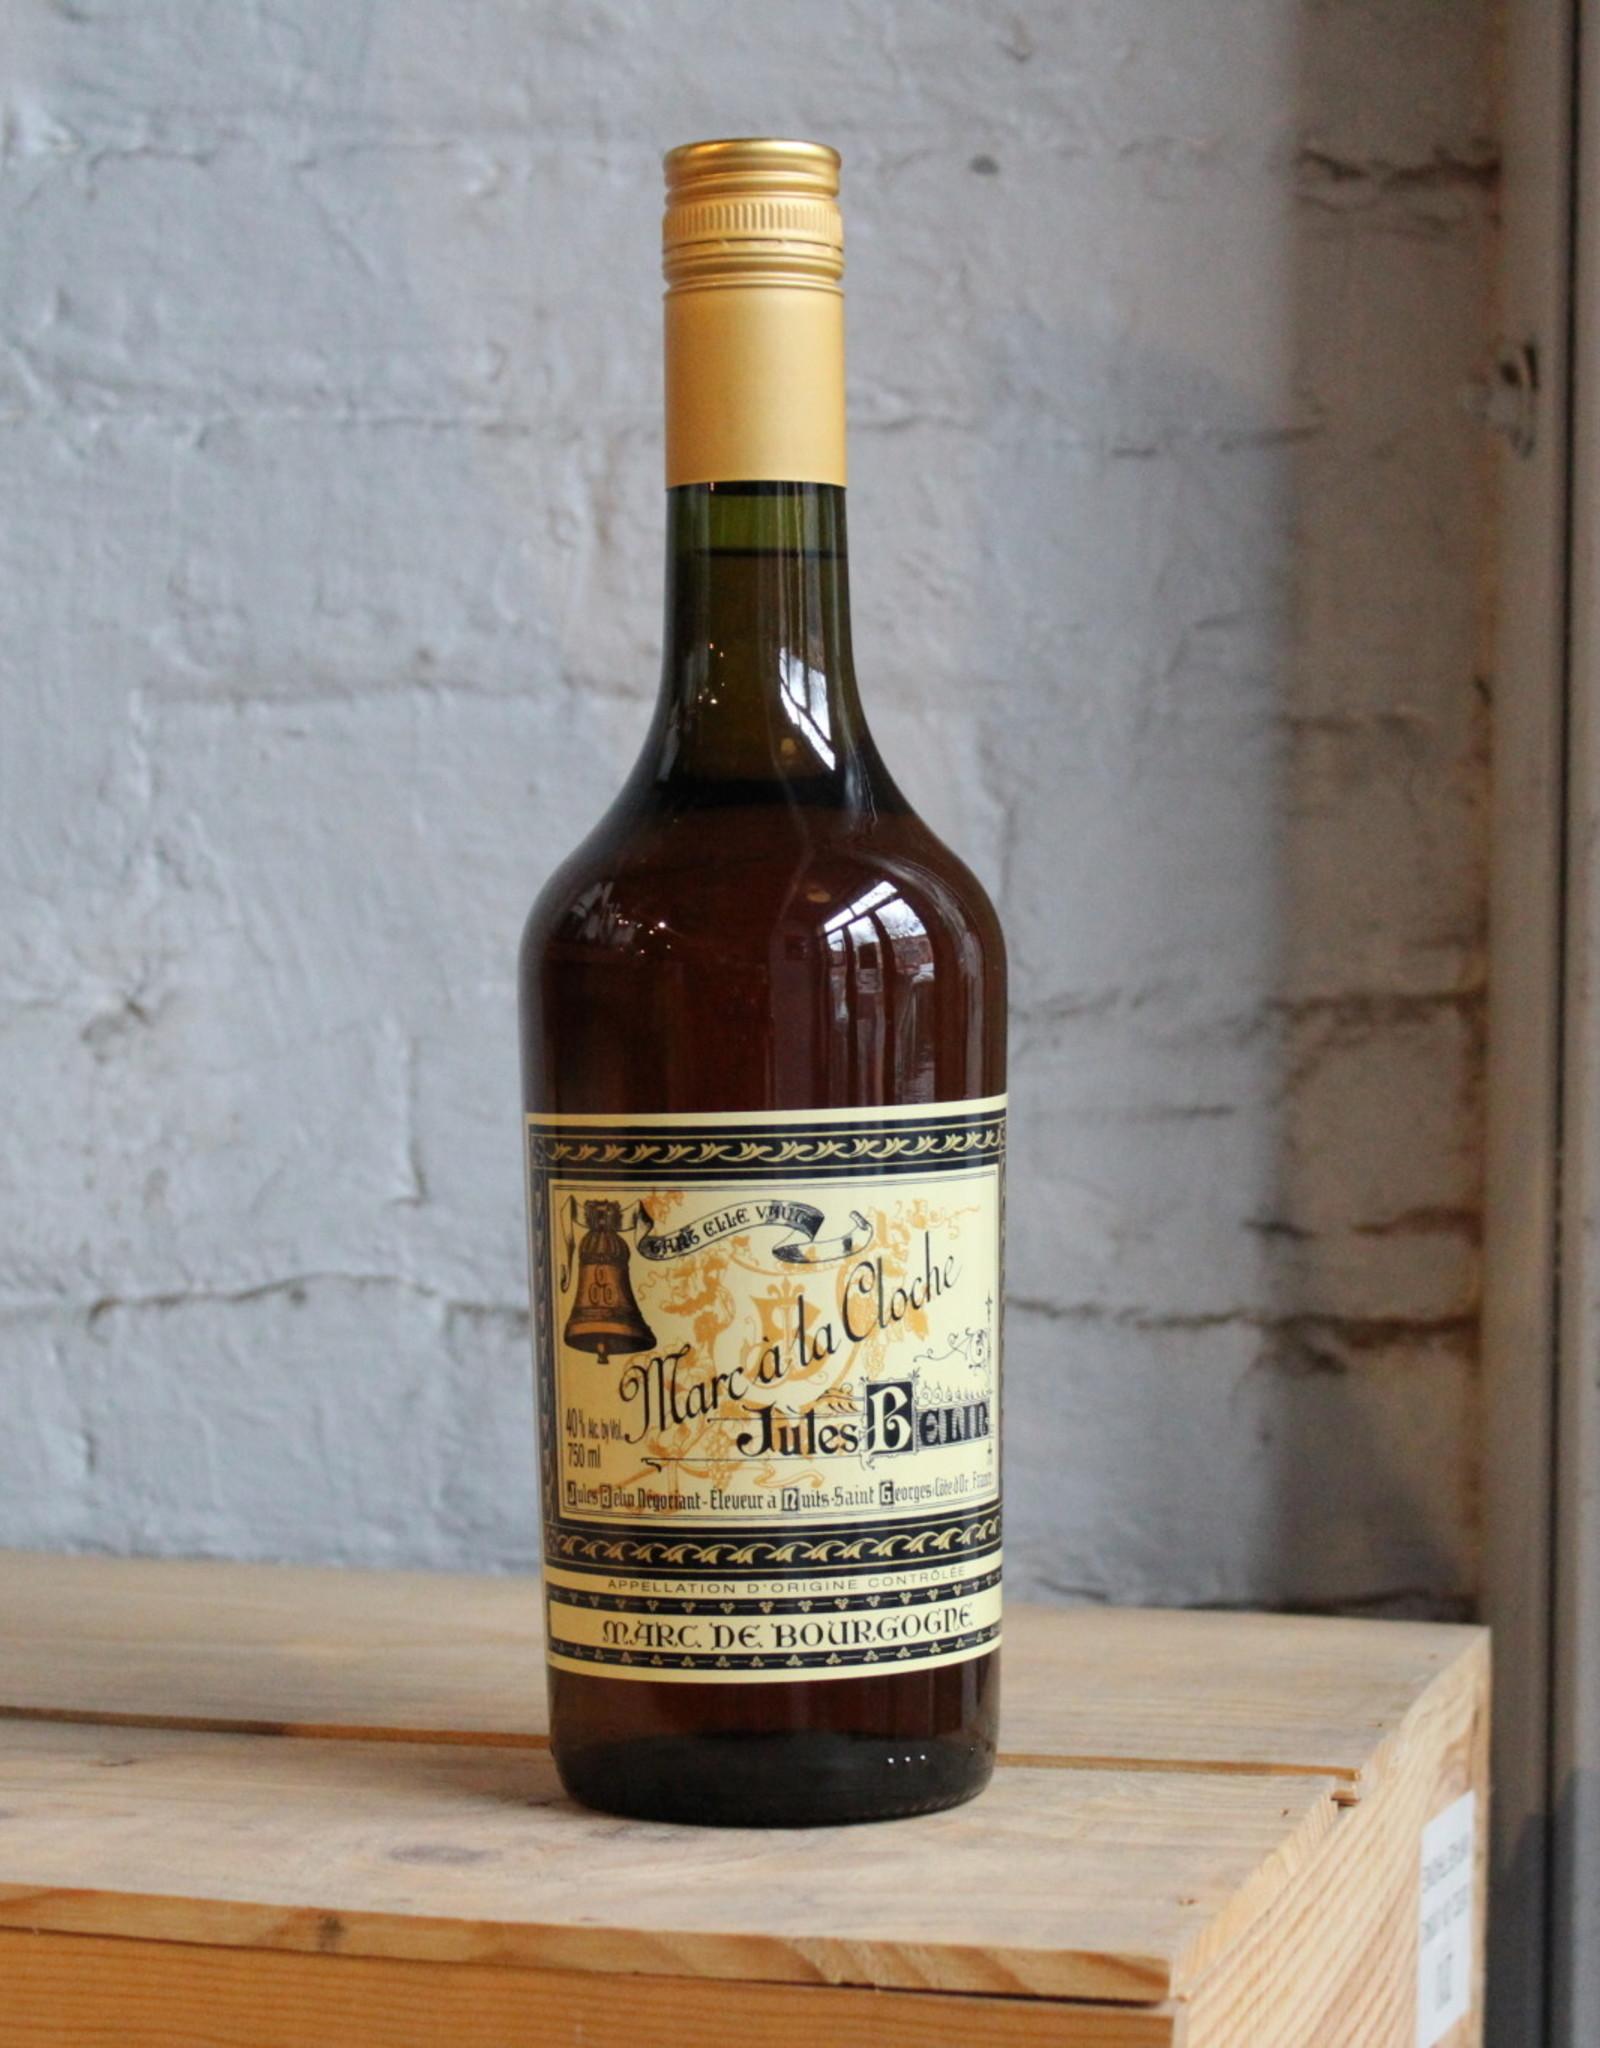 Jules Belin Vieux a la Cloche Marc de Bourgogne Egrappe - Burgundy, France (750ml)